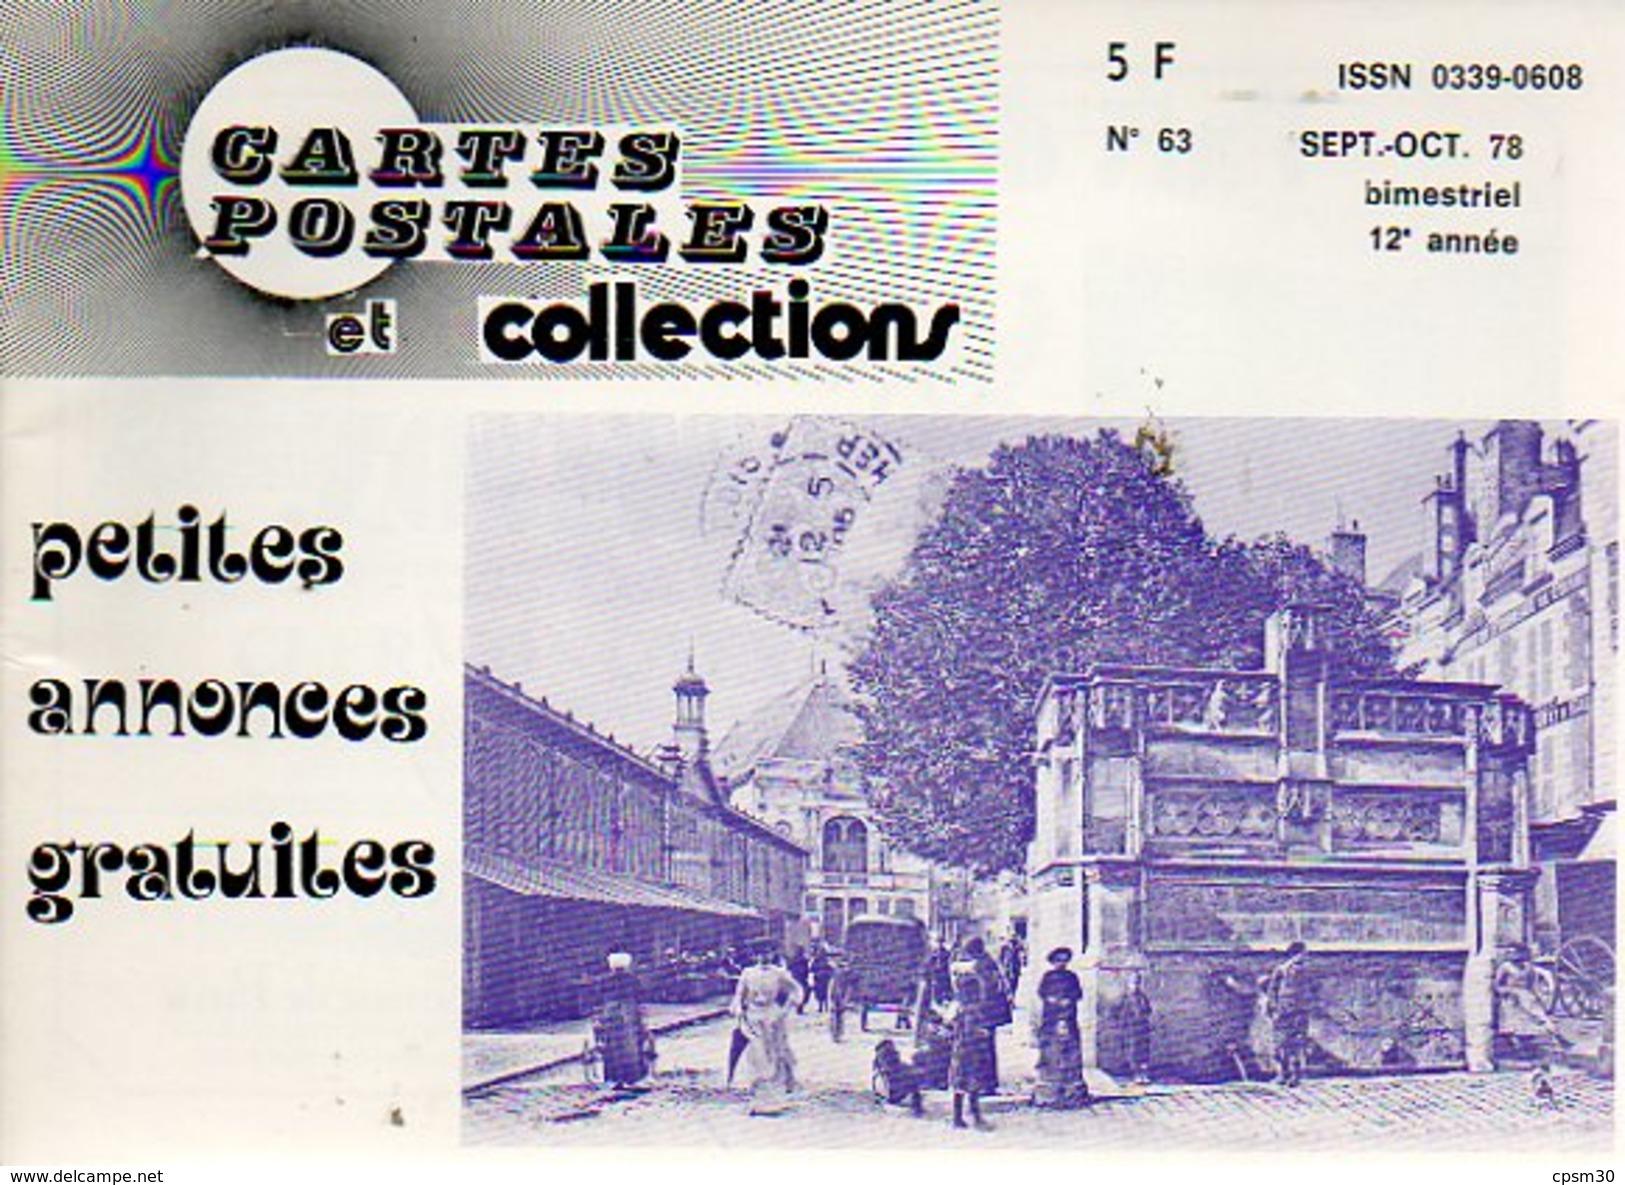 Cartes Postales Et Collections N°63 CPC - Michelin 8p; La Cartomancie 6p; Navire Guerre 2pages - Français